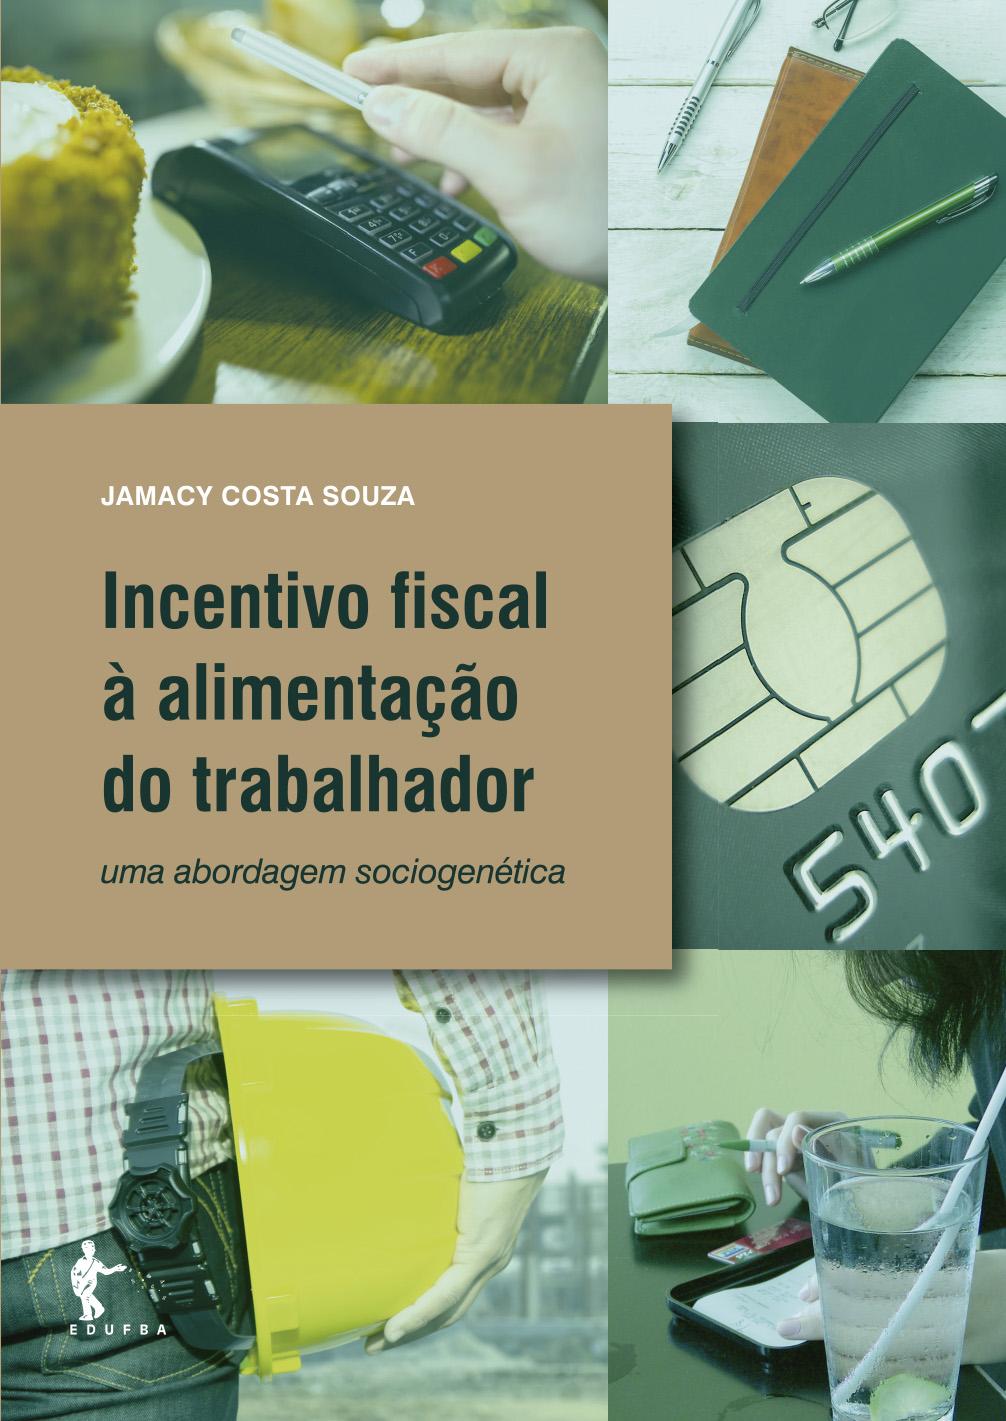 Incentivo fiscal à alimentação do trabalhador, livro de Jamacy Costa Souza